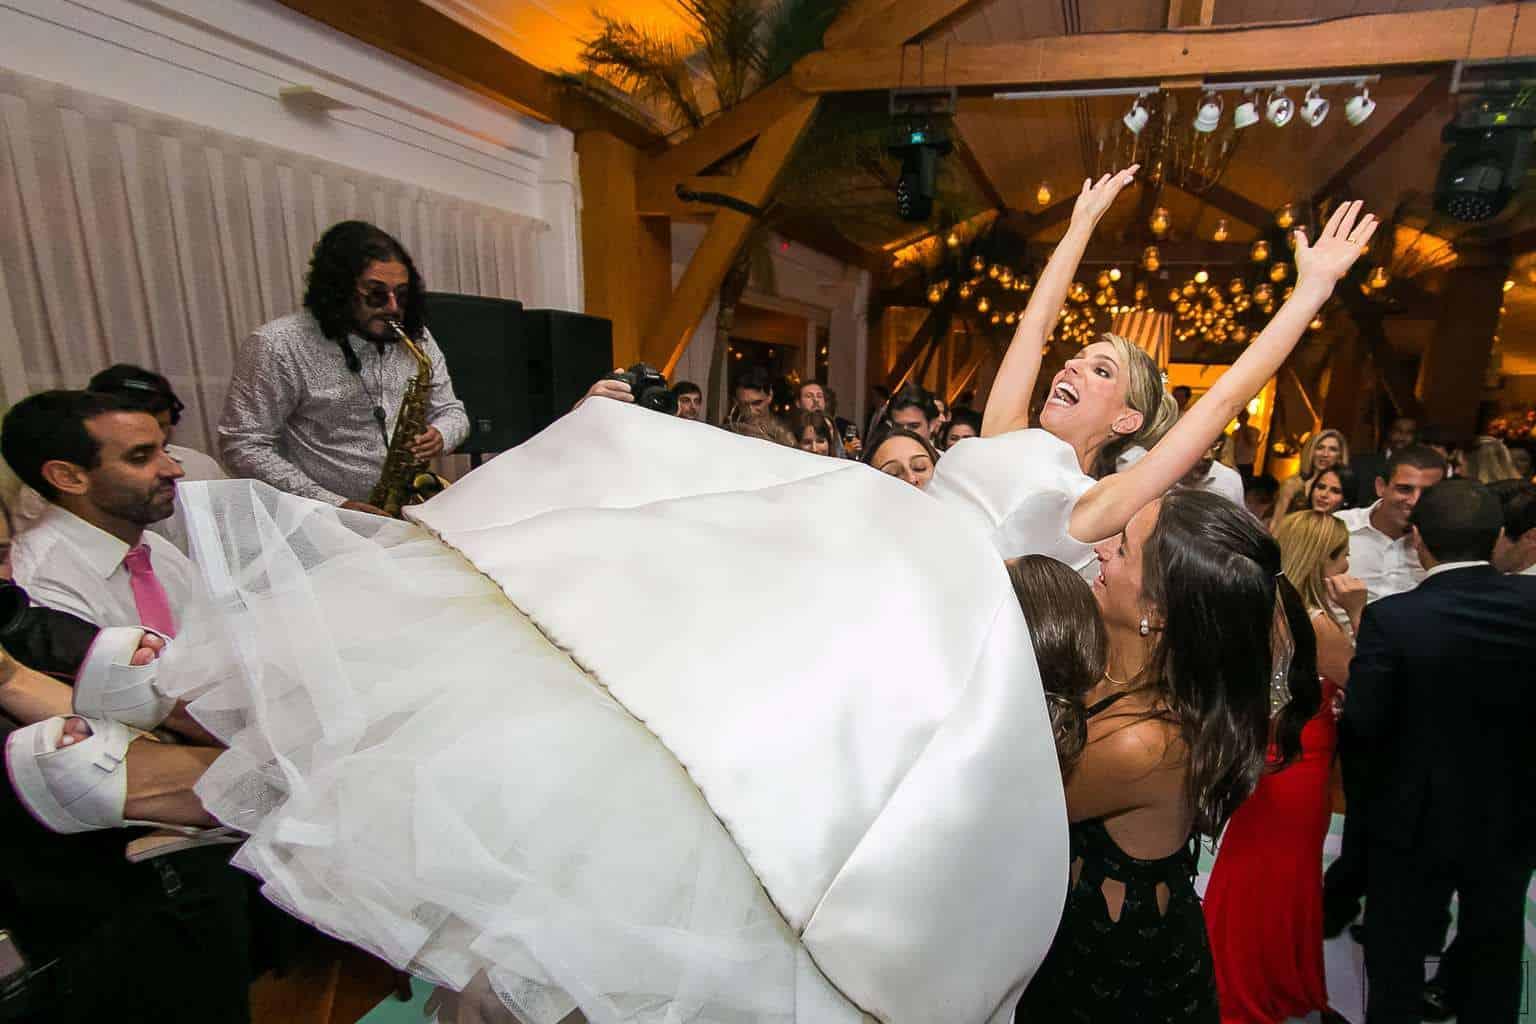 ana-carolina-e-bernardo-Anna-Carolina-Werneck-beleza-da-noiva-casamento-tradicional-festa-Gavea-Golf-Club-Kyra-Mirsky-making-of-mini-wedding-noiva-verde-e-rosa-casamento-32